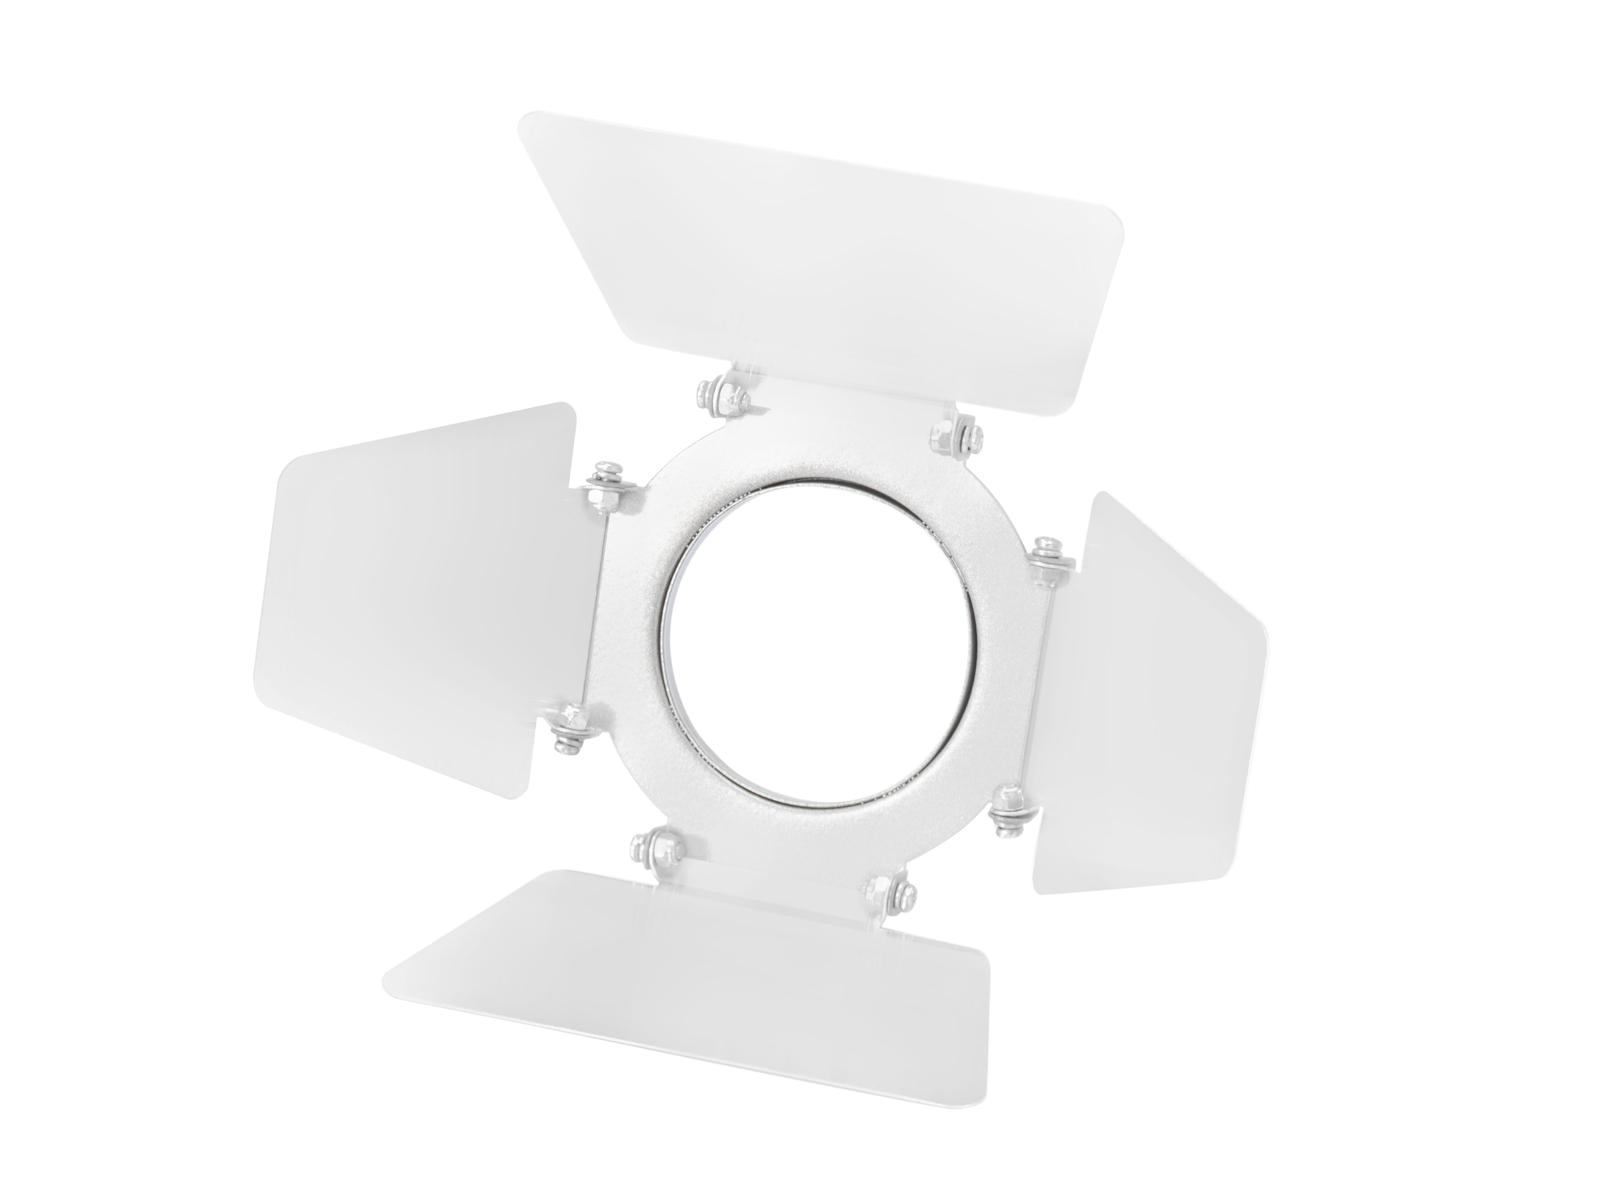 EUROLITE alette paraluce PAR-16 Spot bianco